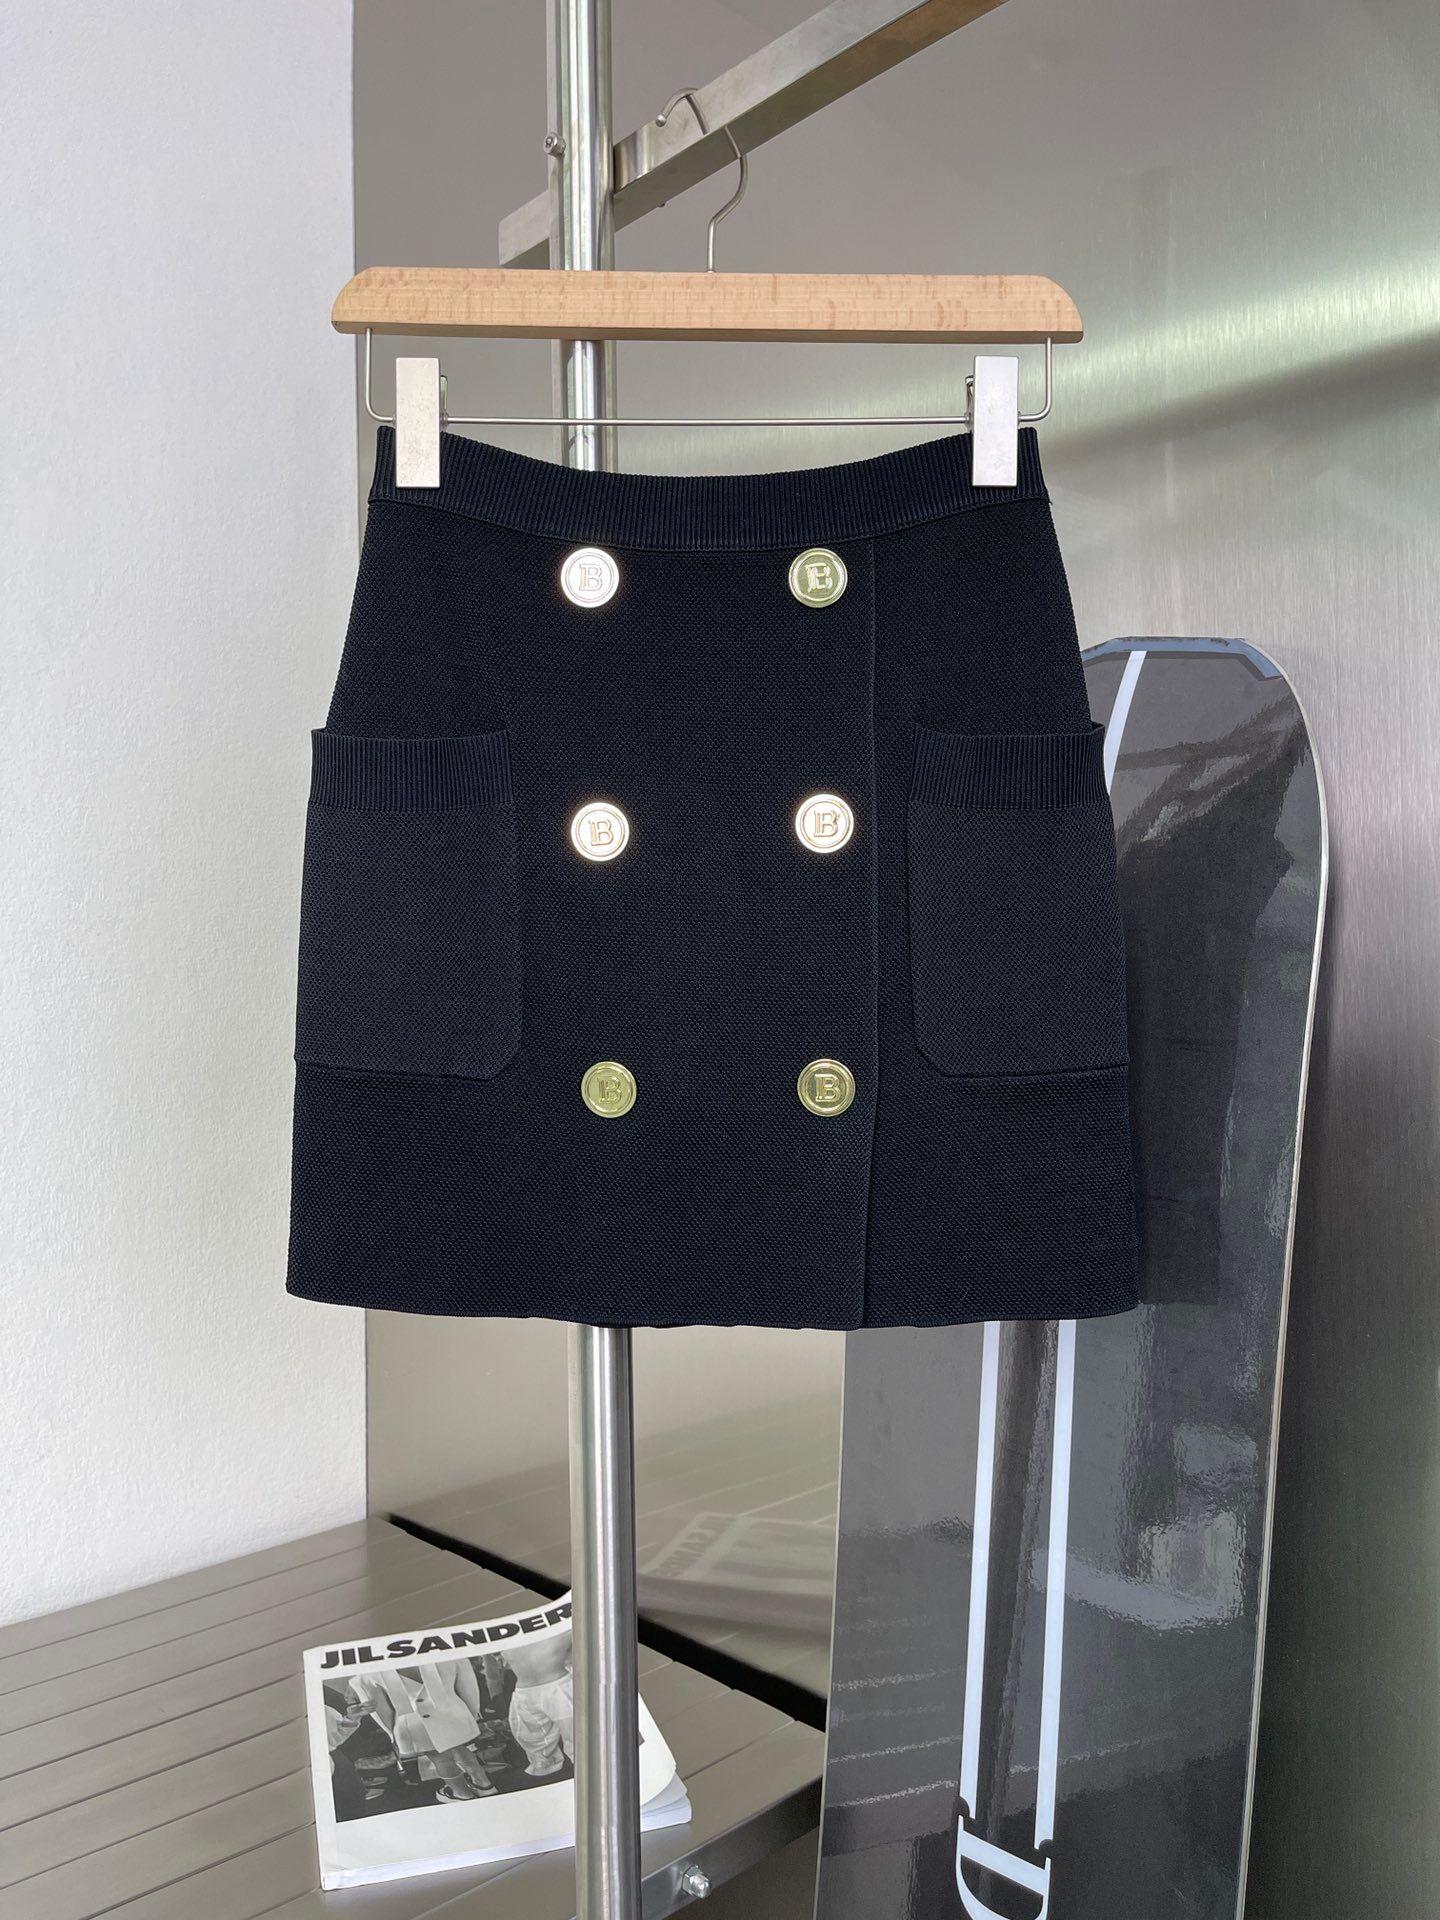 2021 İlkbahar Yaz Sonbahar Kış Tasarımcısı Bir Etekler Muhteşem Moda Marka Aynı Stil Bayan Giyim 0605-23